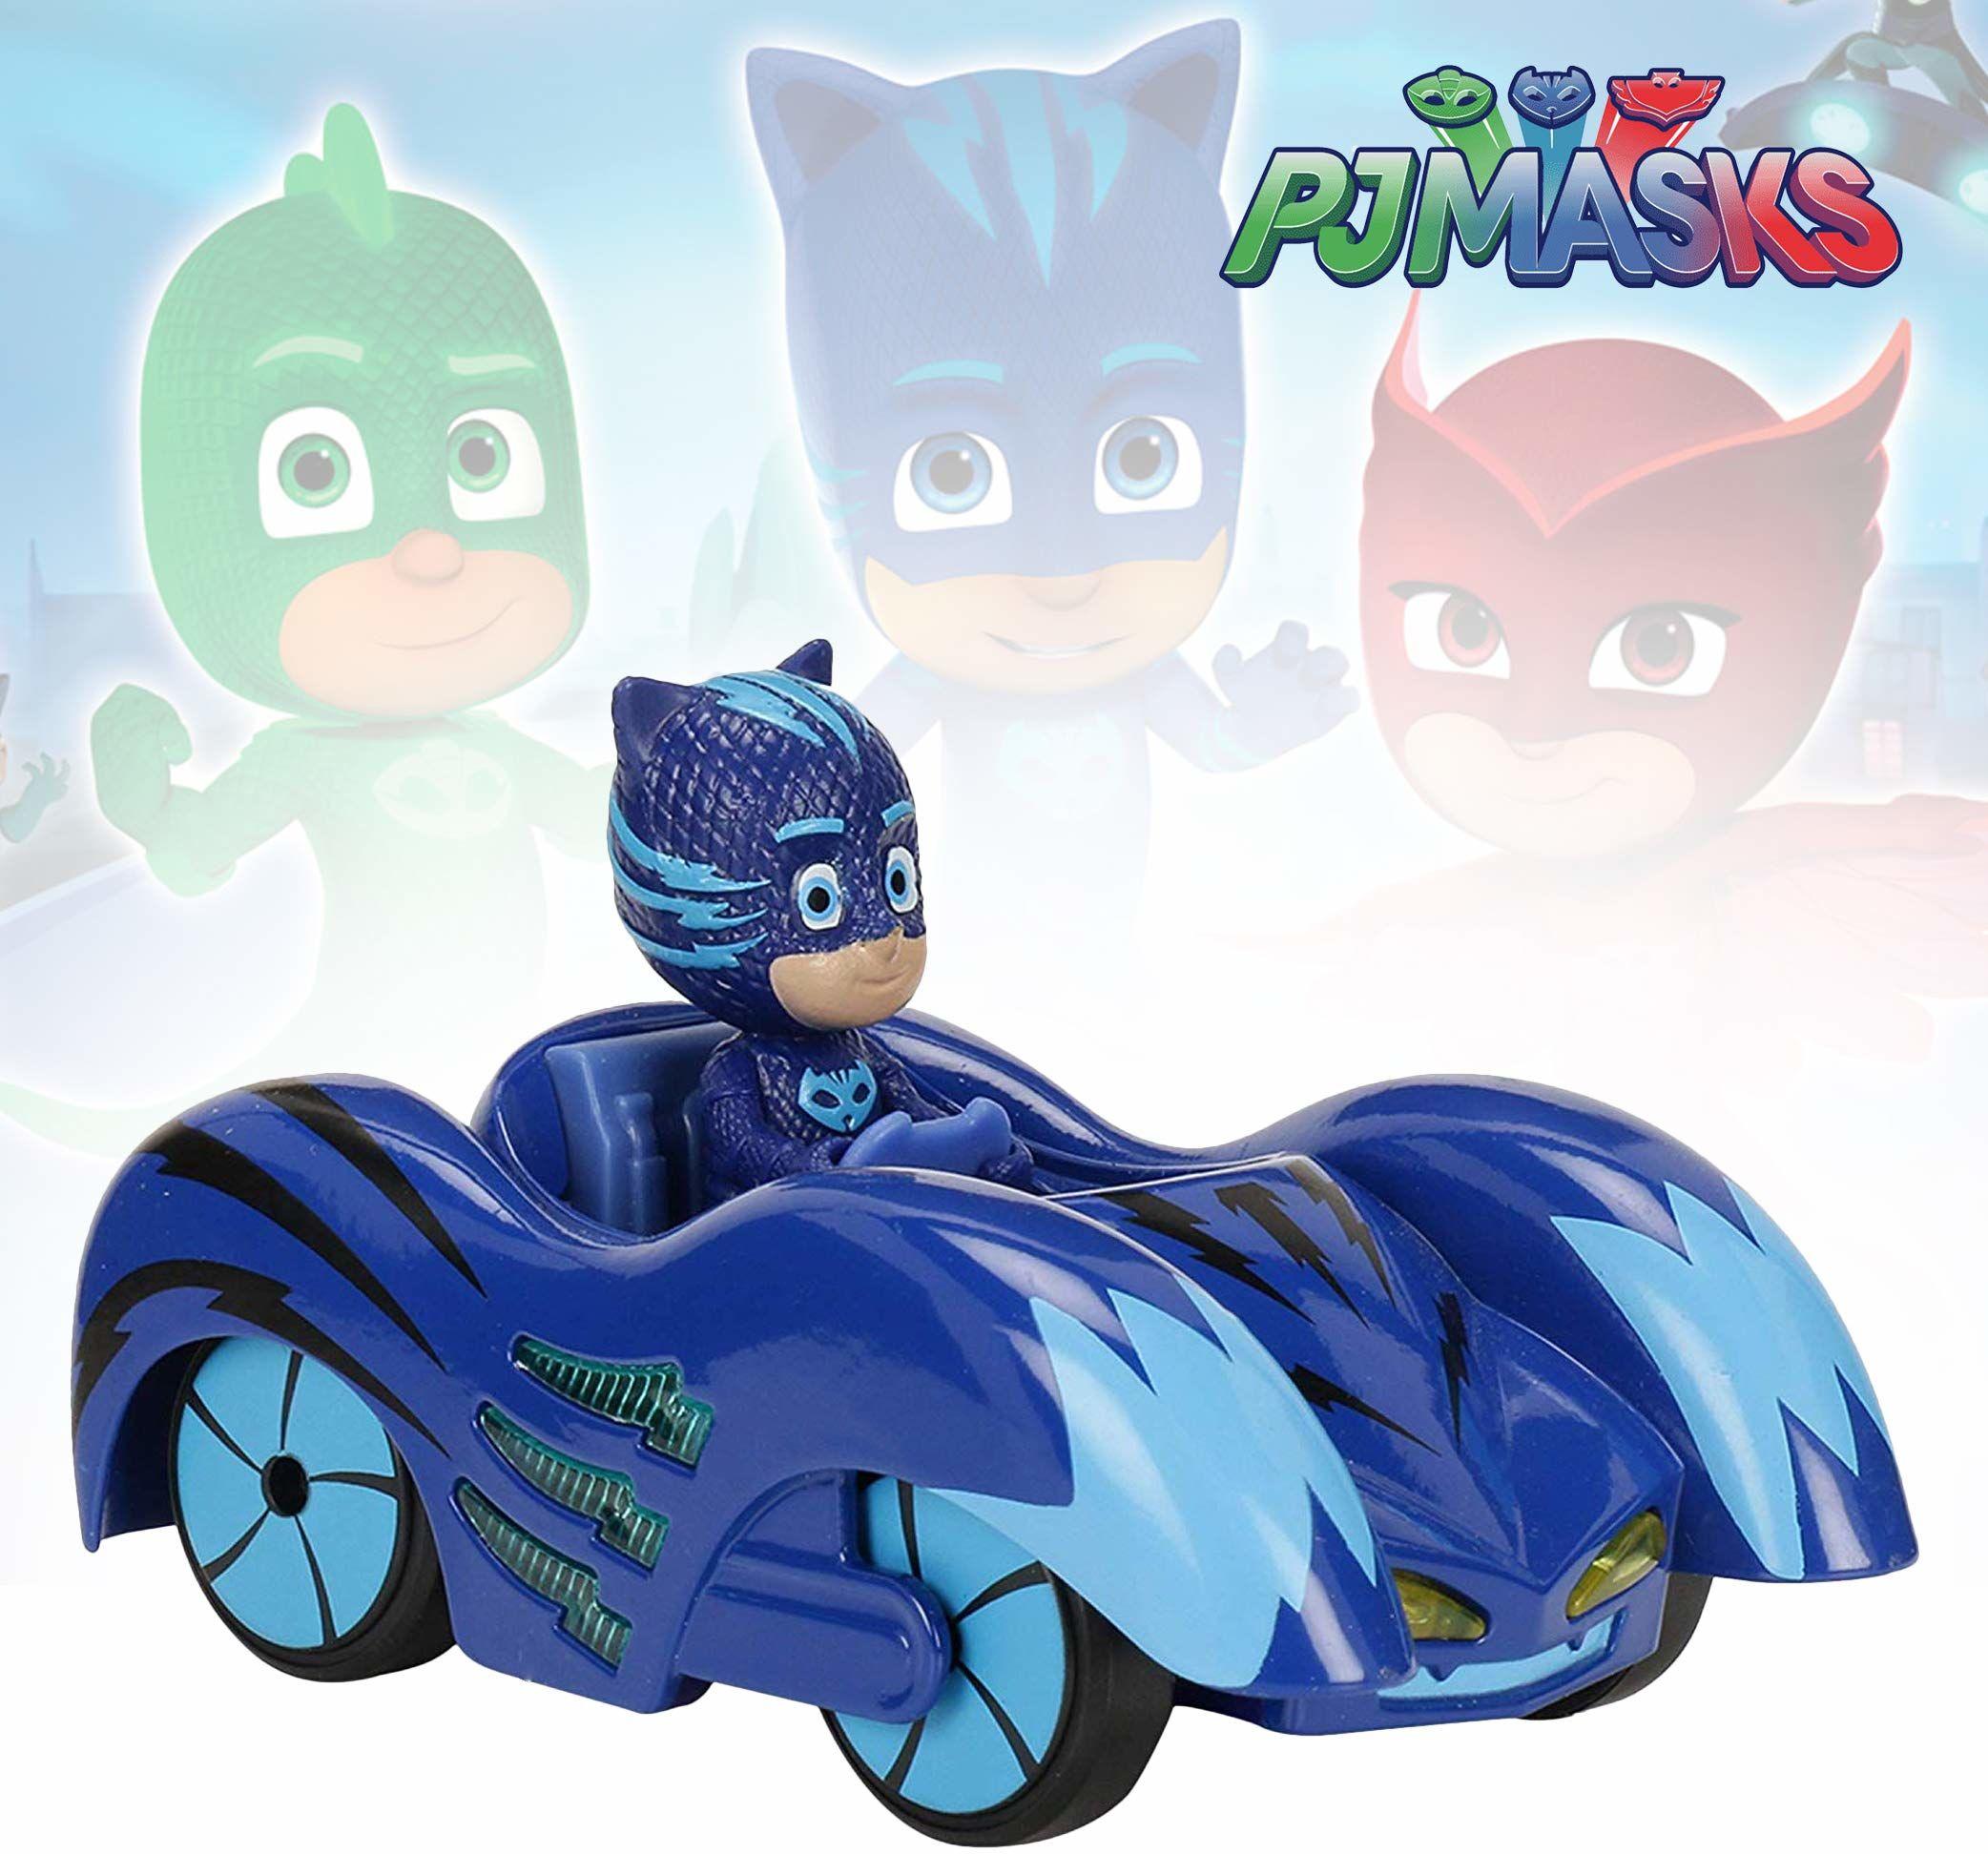 Dickie Toys PJ Masks Mission Racer Cat-Car, Die-Cast pojazd z wolnym biegiem, światło i dźwięk, gra melodię tytułową z serii, w tym figurka Catboy, 12 cm, niebieski, z bateriami